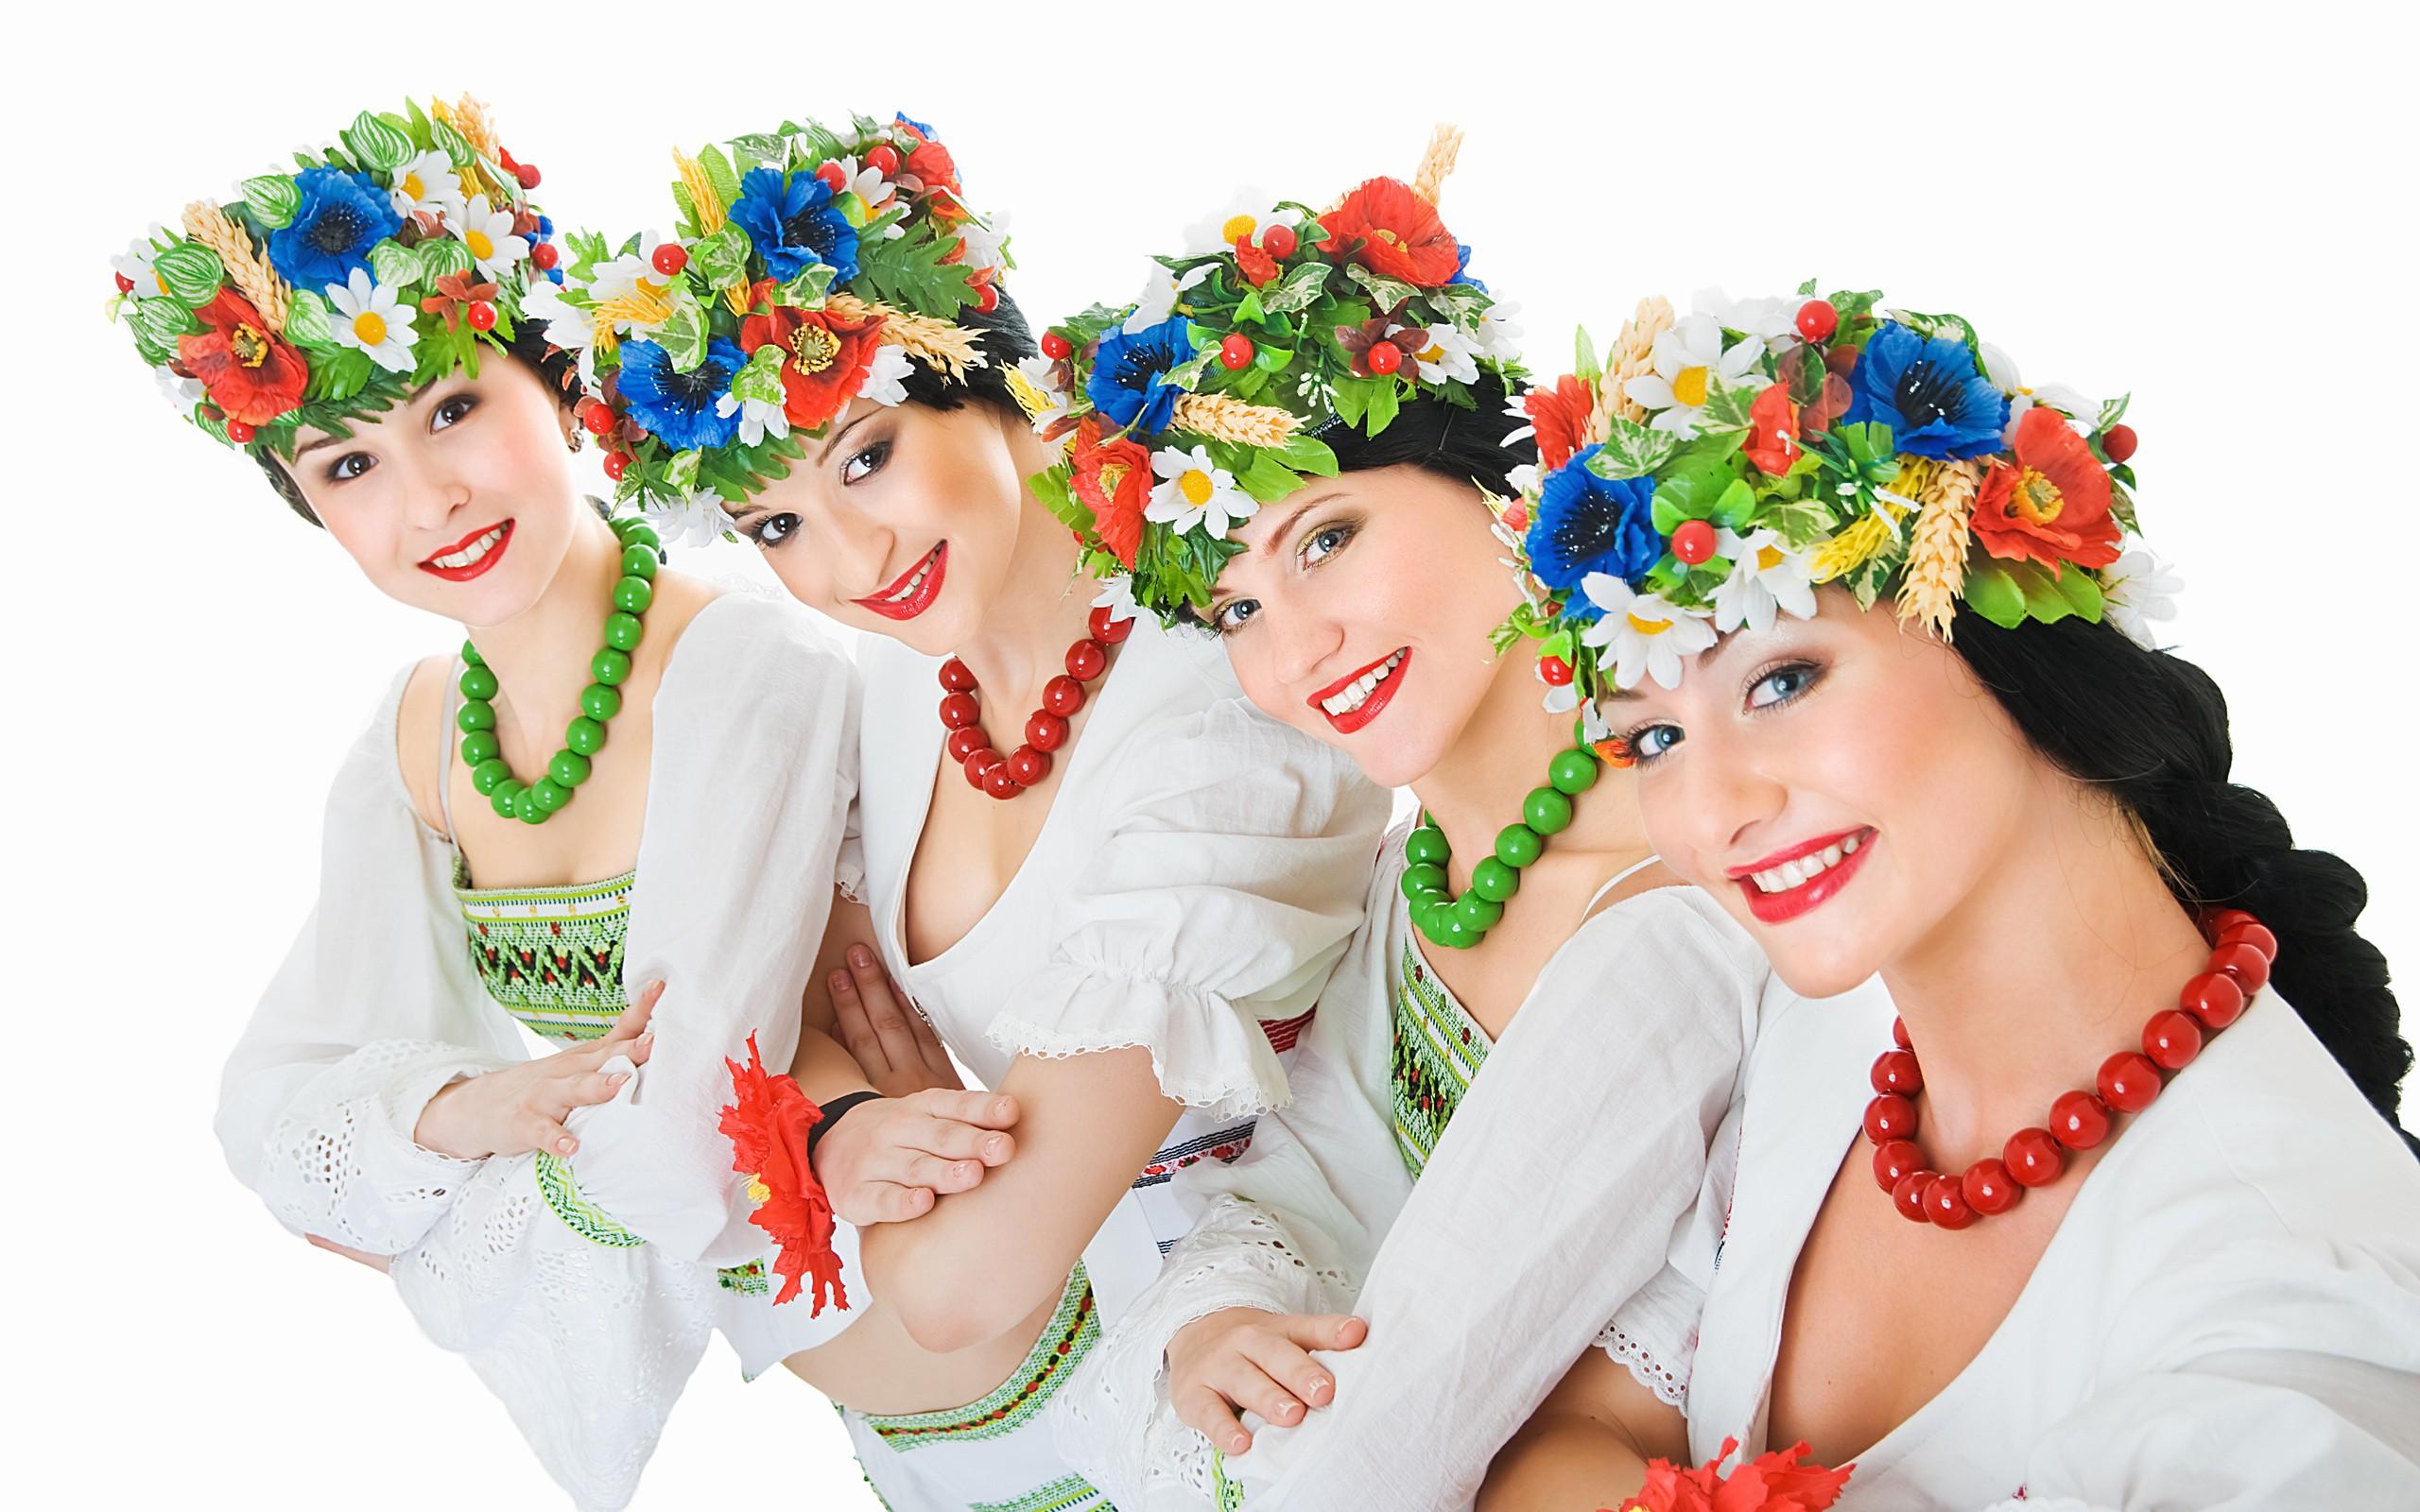 Mujeres blancas bellas - 2560x1600